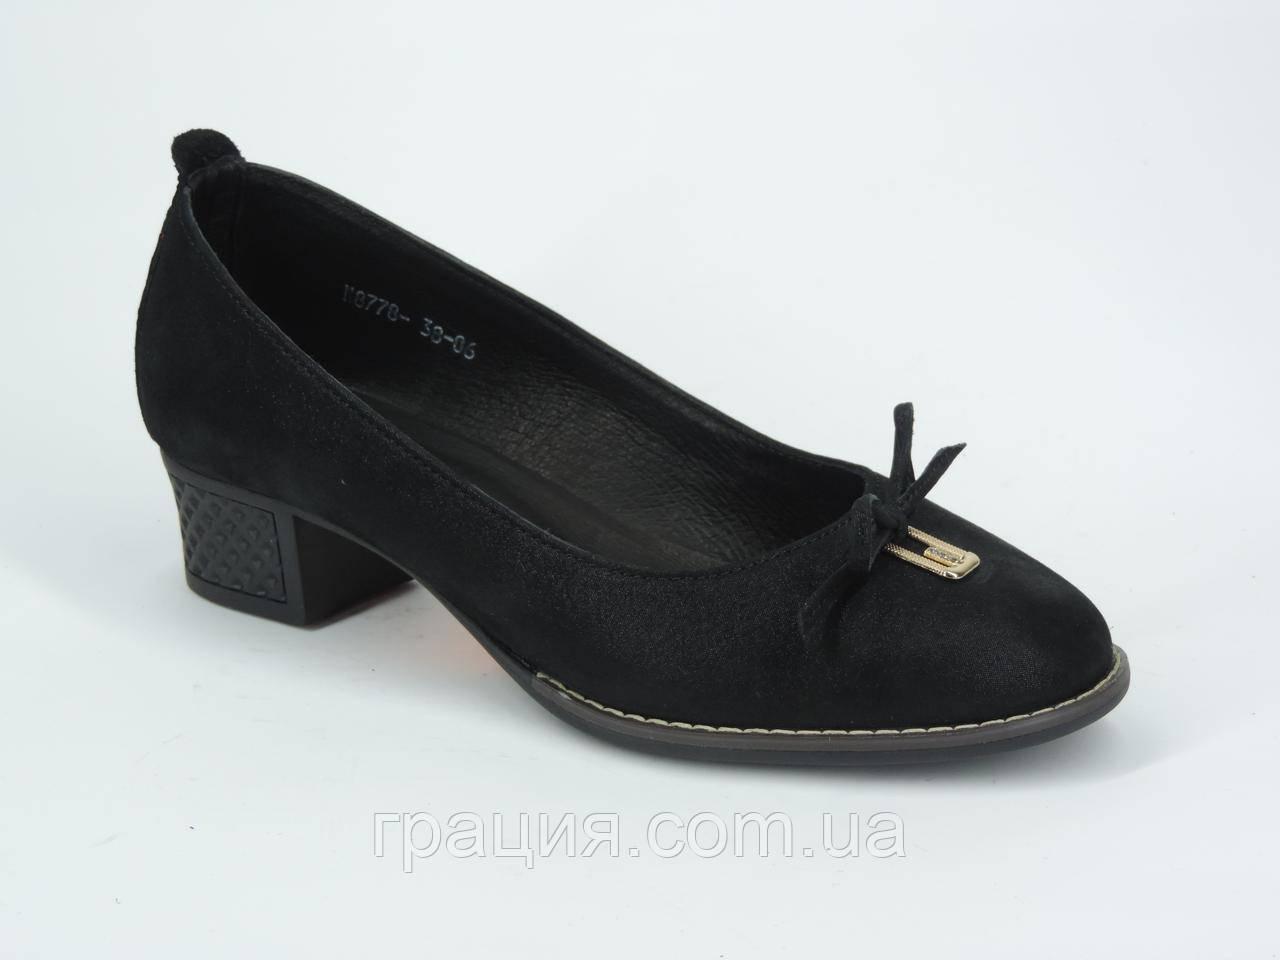 Женские туфли из натуральной кожи на не большем каблуке